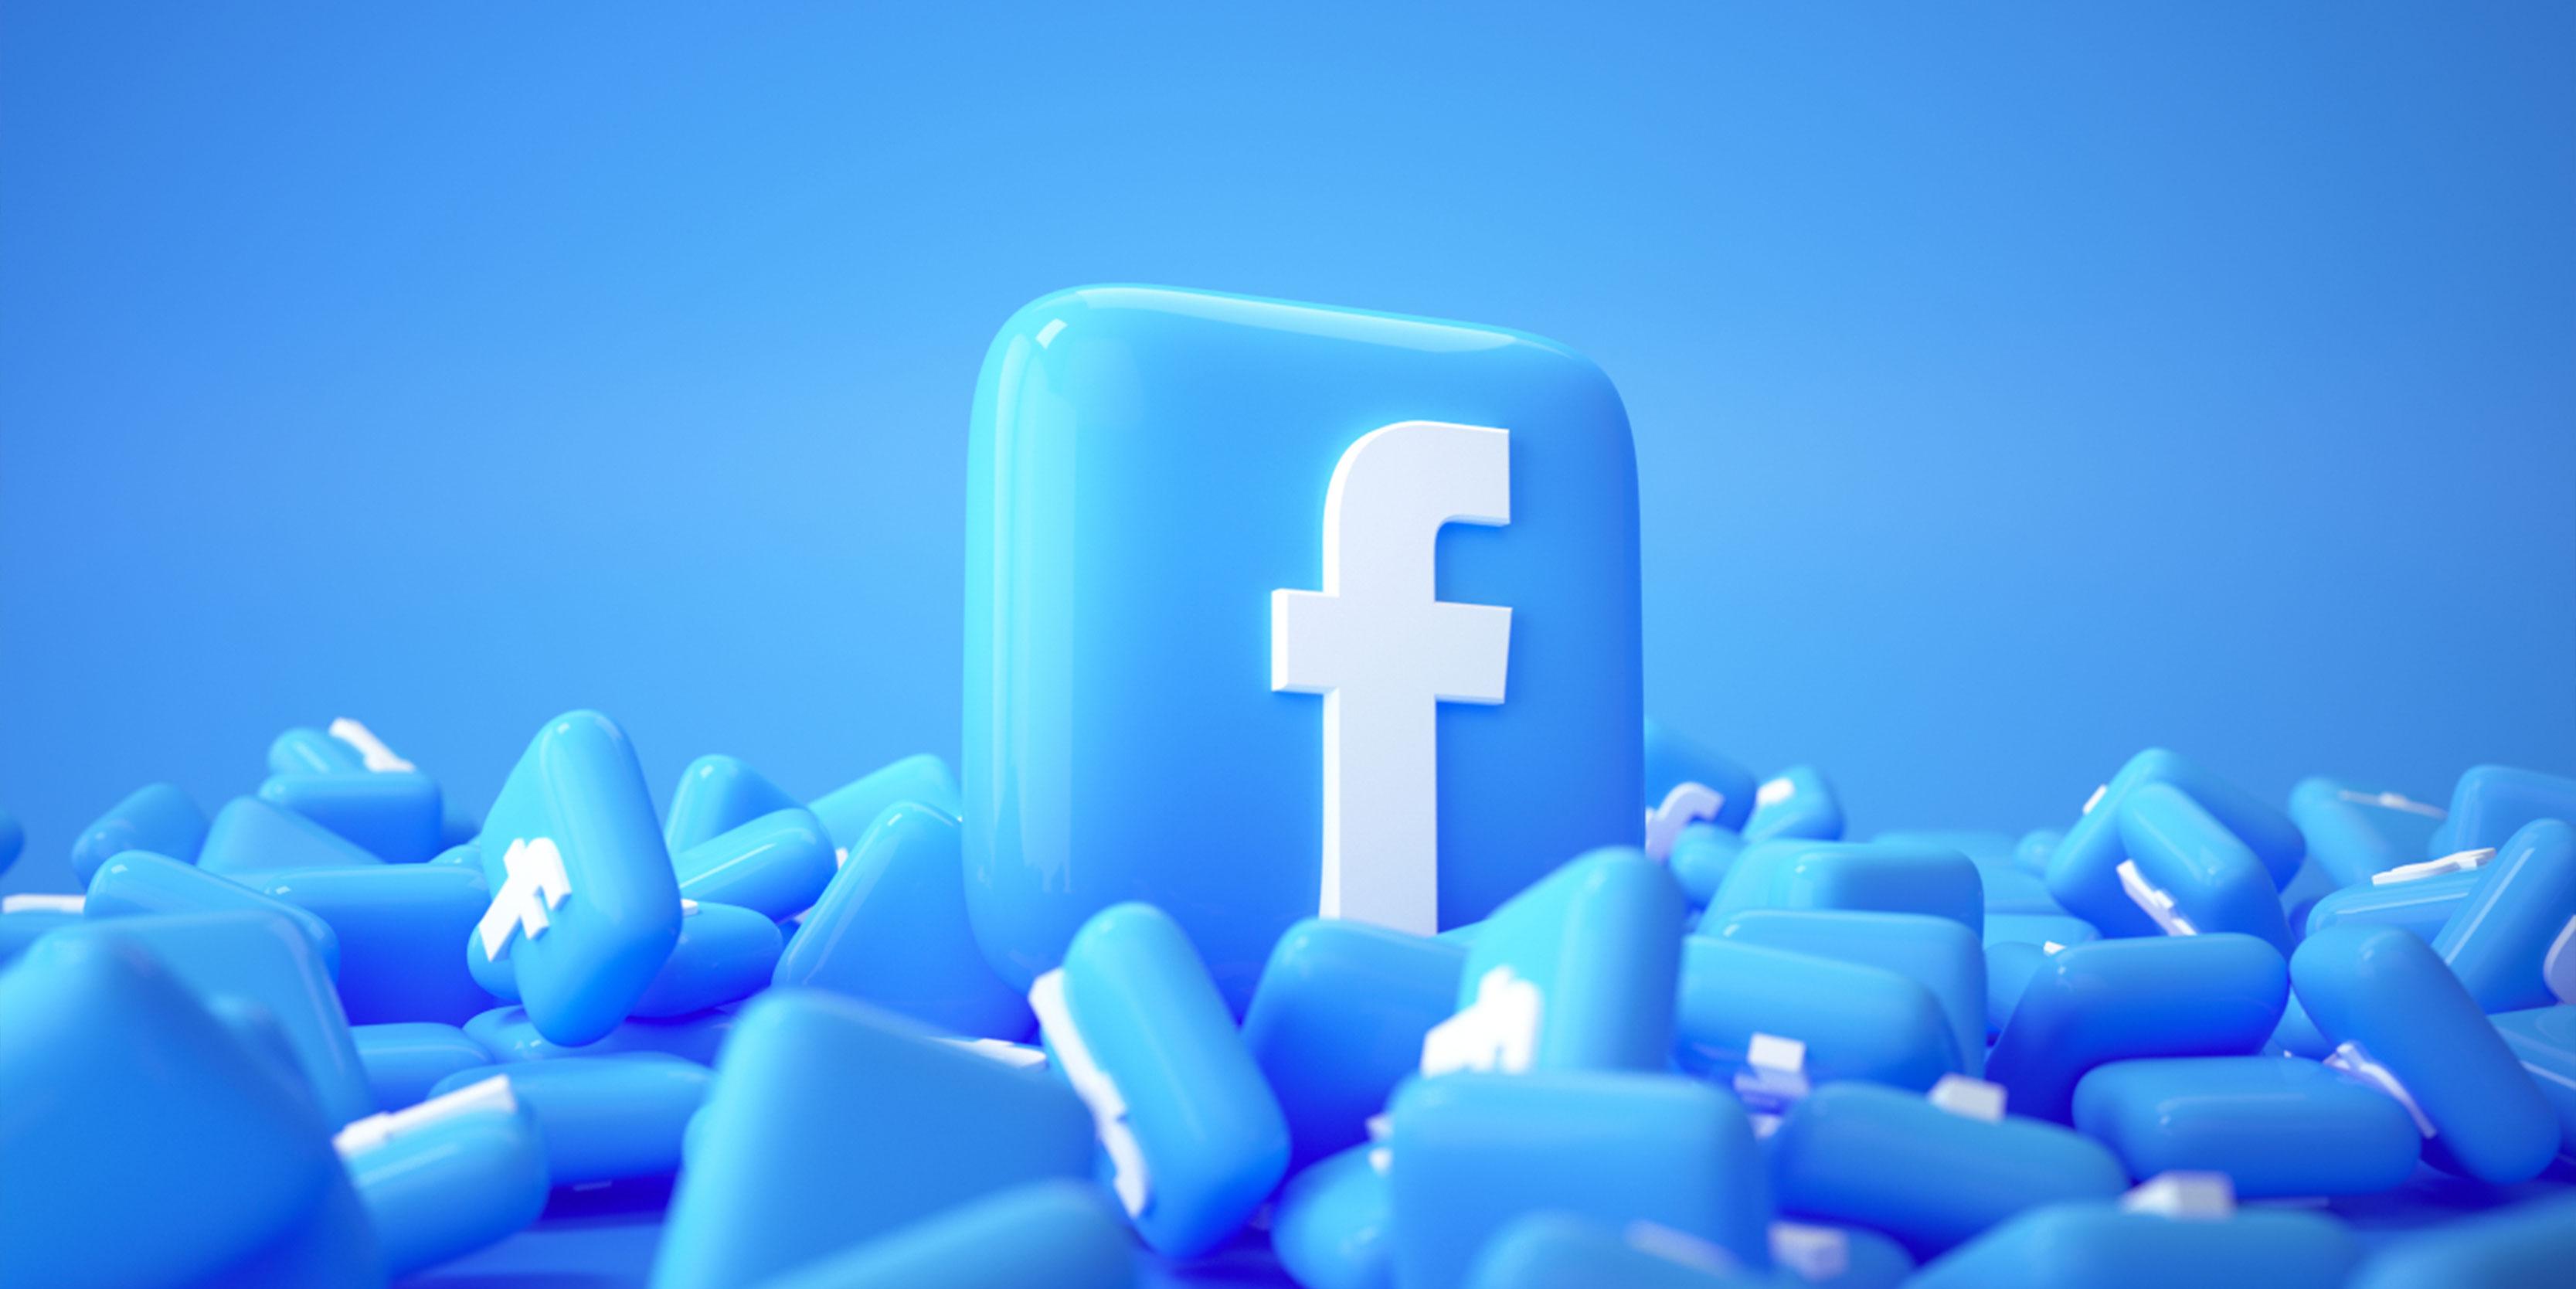 Šta Fejsbuk piksel može da učini za vaše onlajn poslovanje?